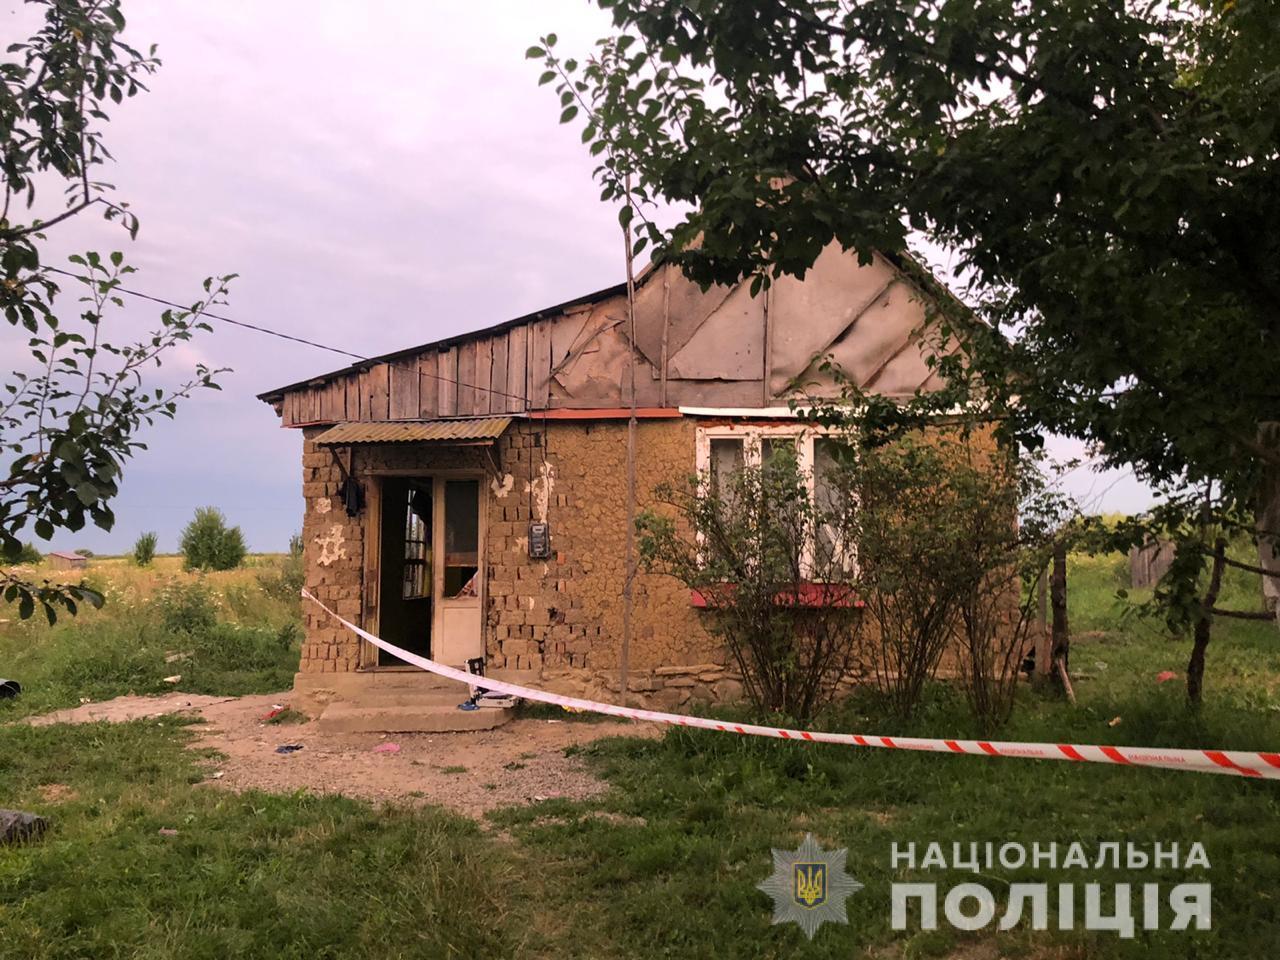 В селе Большая Добронь Ужгородского района от полученных телесных повреждений скончалась женщина, мать пятерых деток. По данному факту полиция начала уголовное производство.